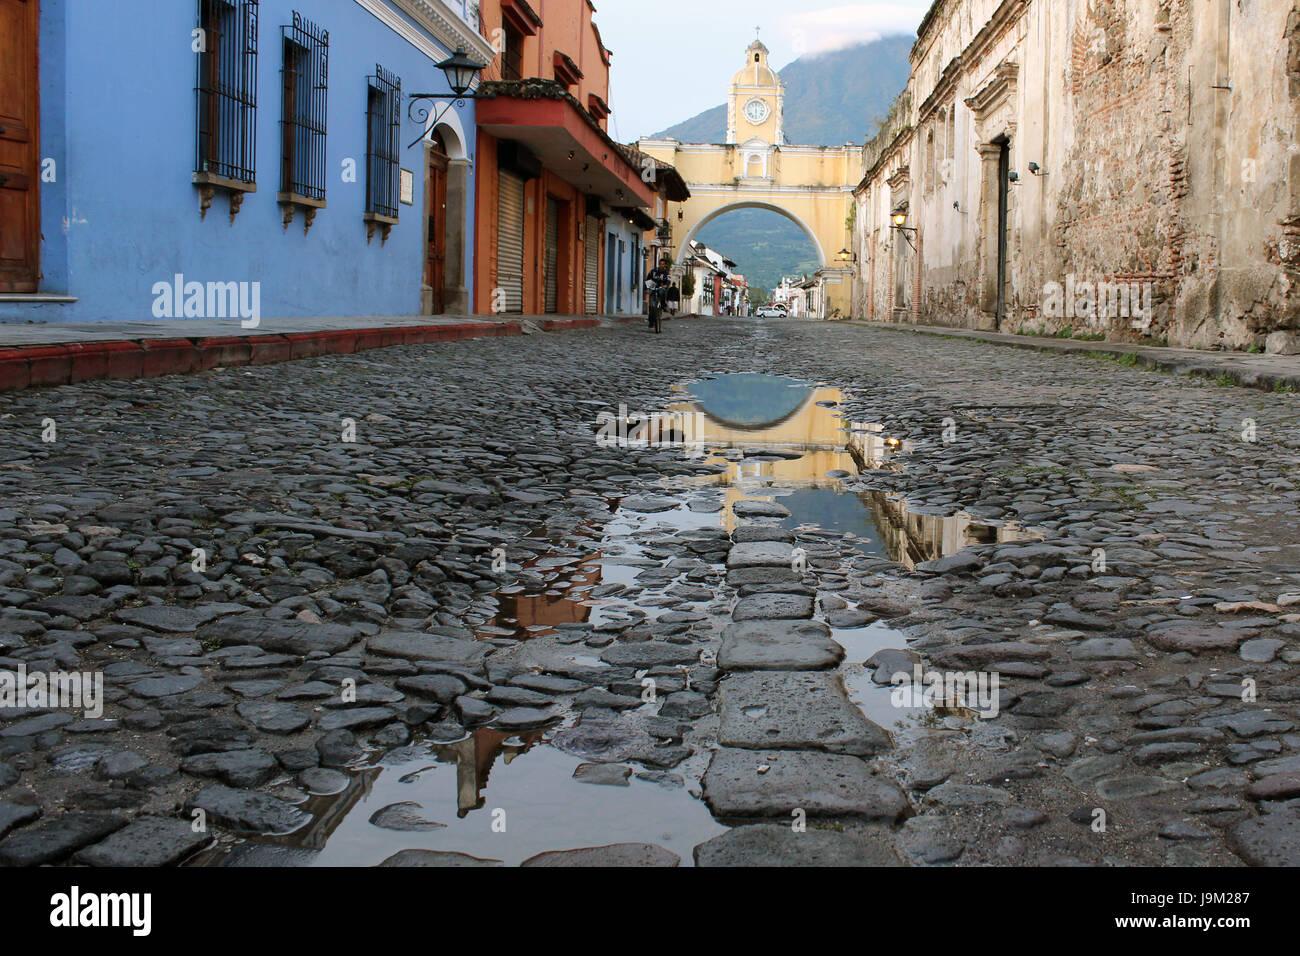 Calle empedrada de La Antigua Guatemala, importante ciudad colonial de américa, patrimonio cultural de la humanidad Stock Photo